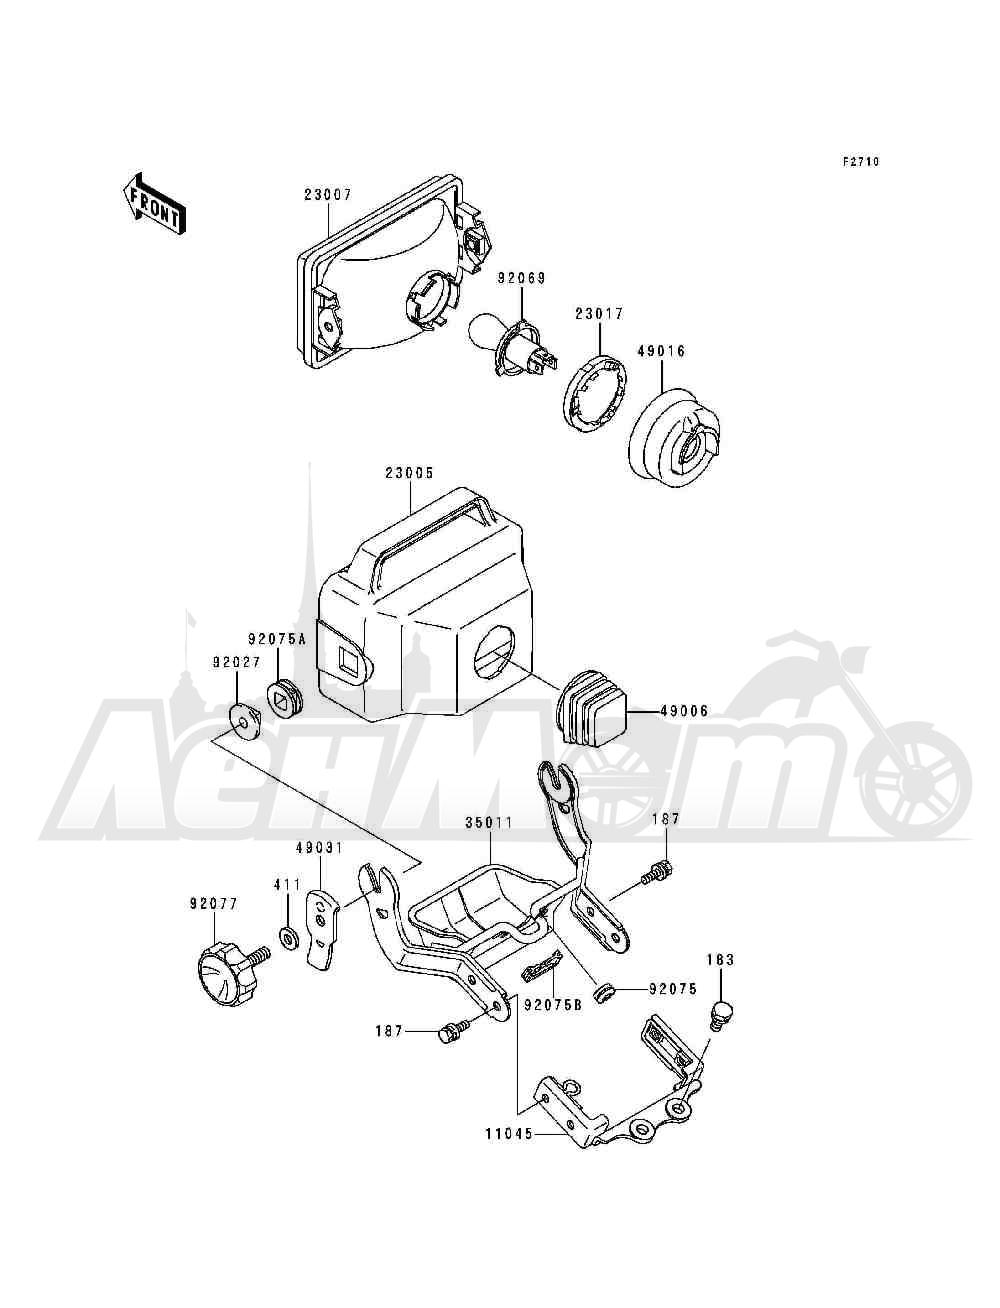 Запчасти для Квадроцикла Kawasaki 1993 BAYOU 300 (KLF300-B6) Раздел: HEADLIGHT(S)(KLF300-B5 / B6 / B7) | передняя фара (S) (KLF300 B5/B6/B7)